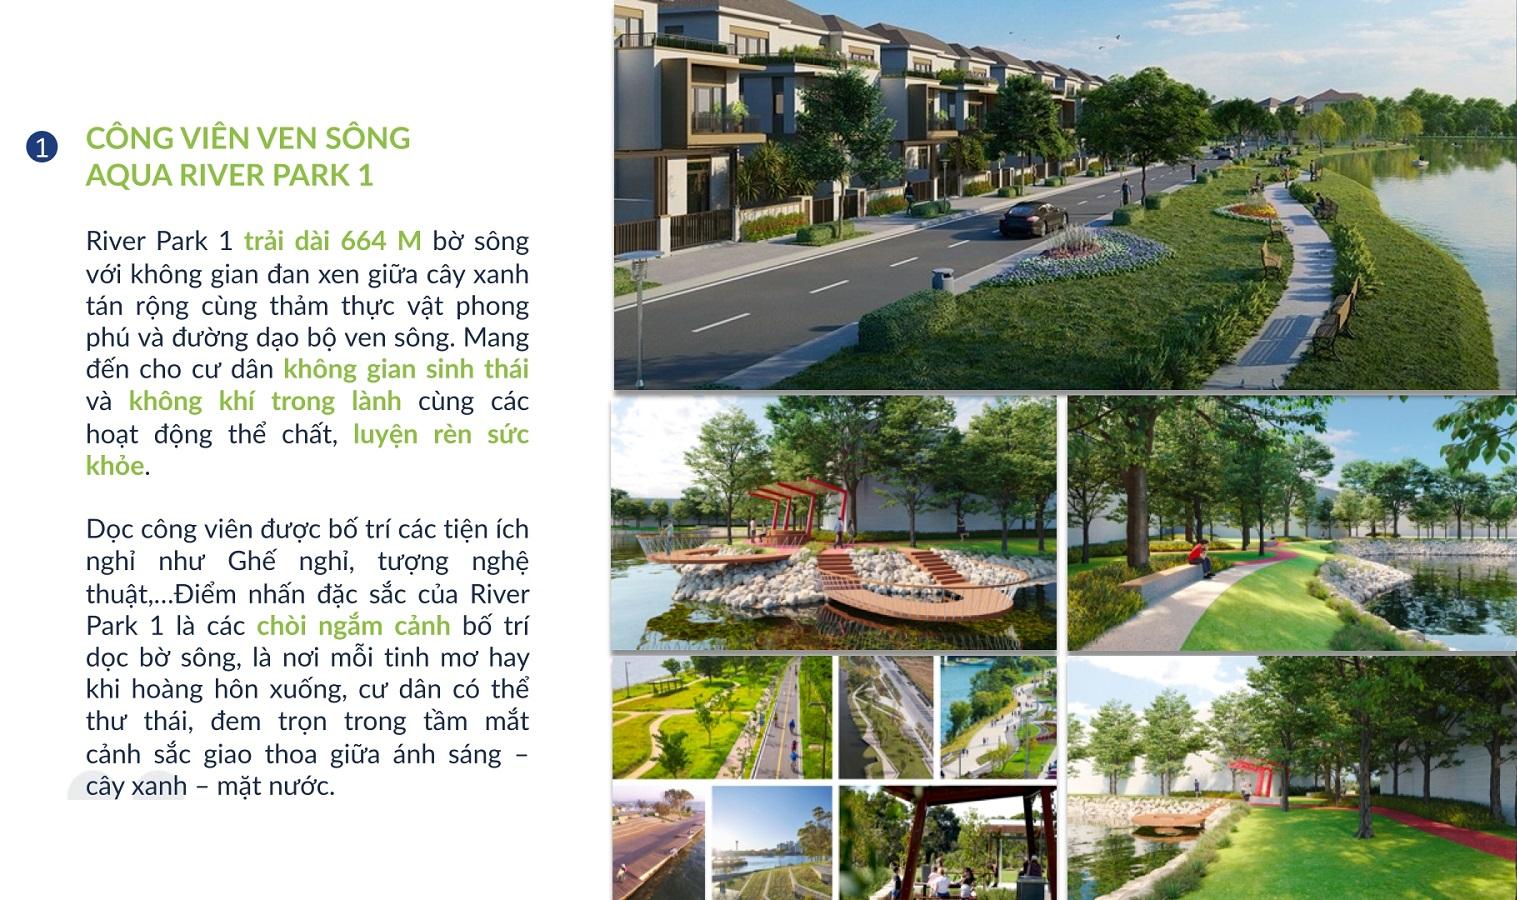 tien-ich-aqua-city-river-park-1